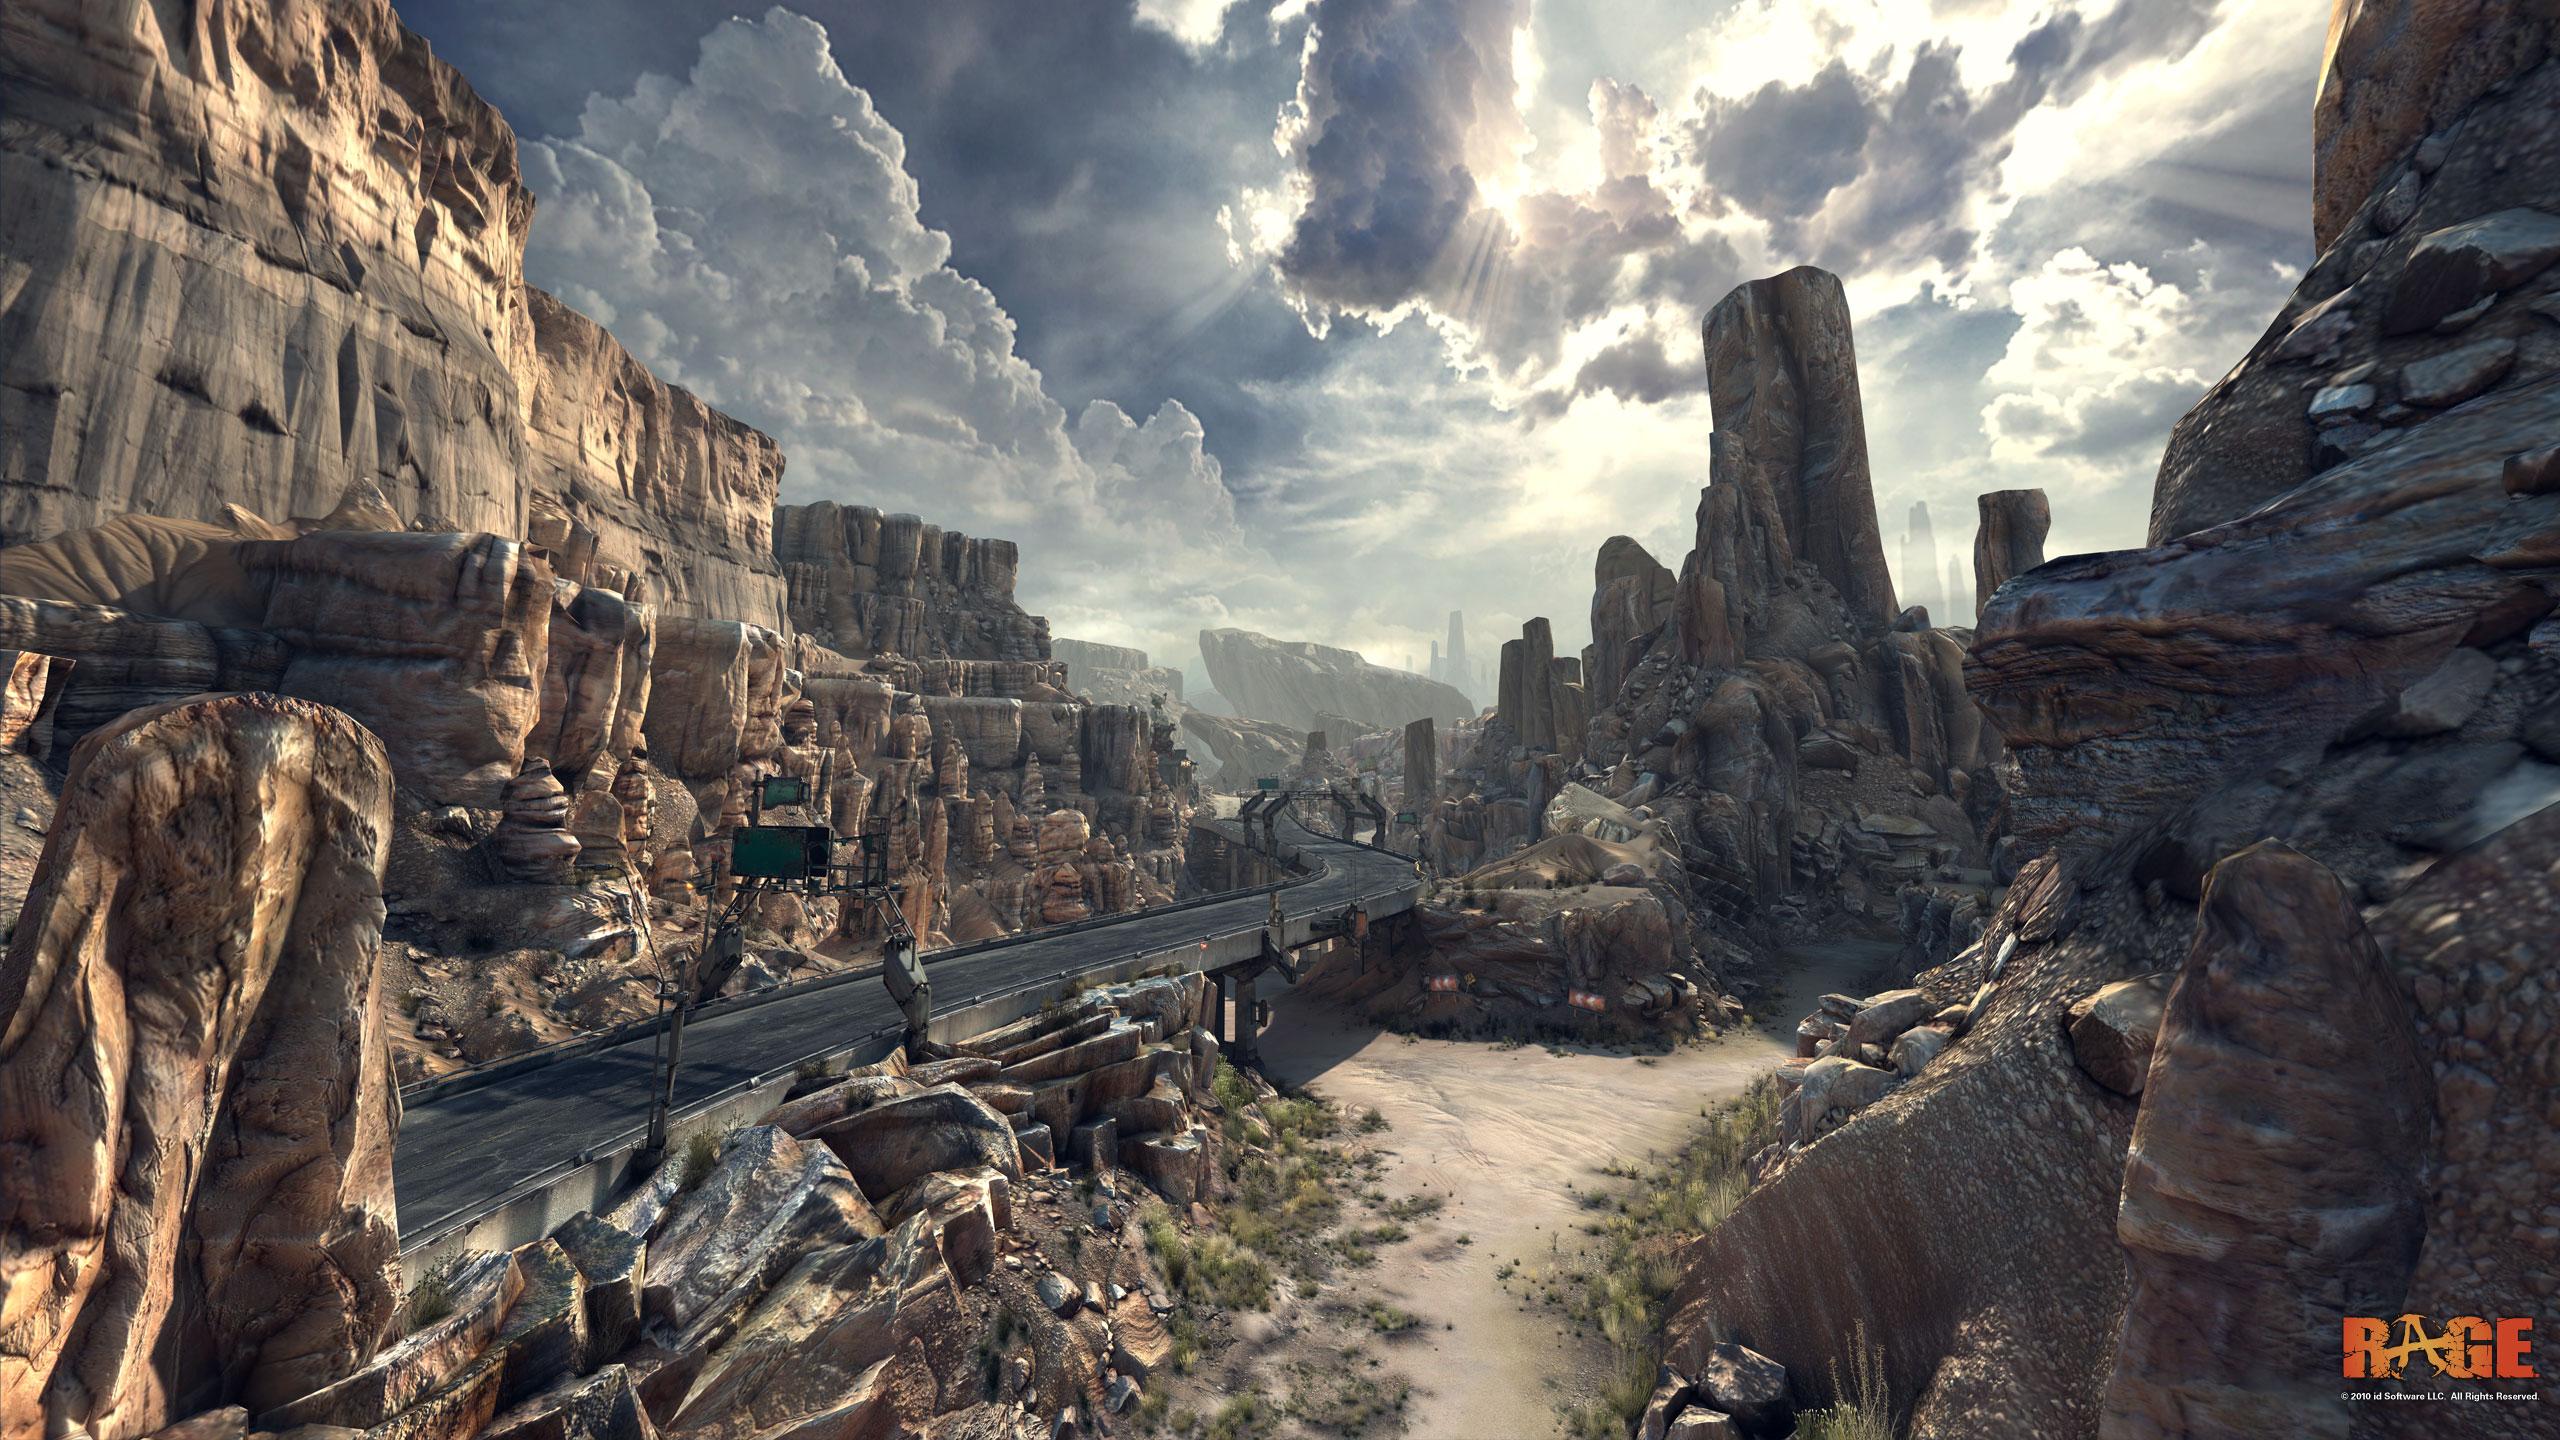 kratos kratos 2560x1440 HD Wallpaper Jootix Wallpapers 2560x1440